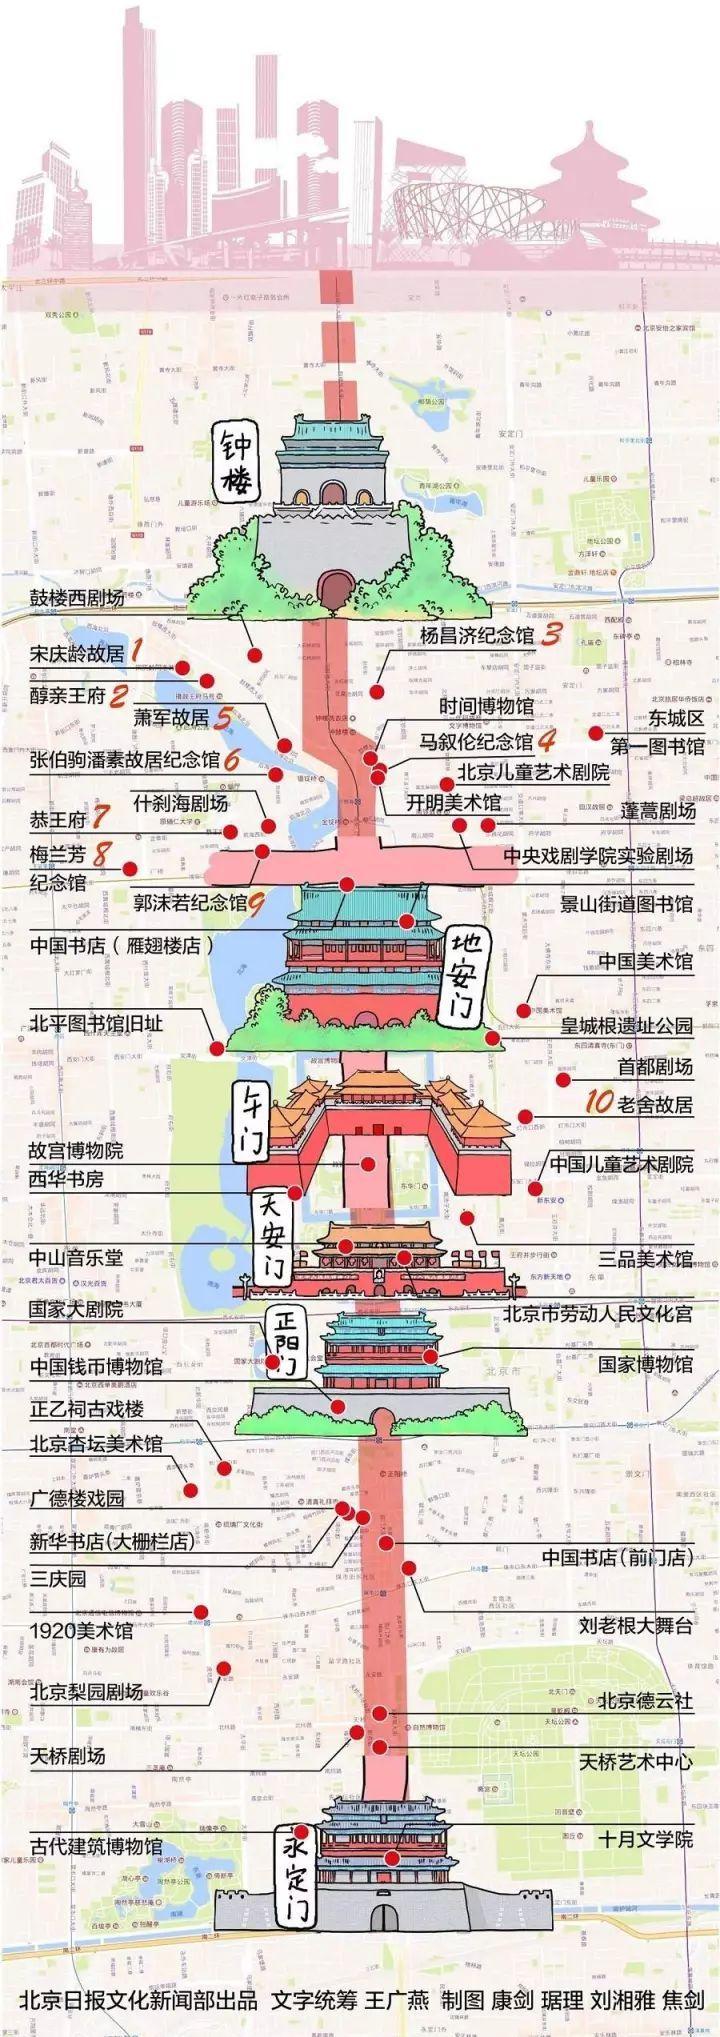 旅游 正文  著名建筑大师梁思成曾在 《北京--都市计划的无比杰作》一